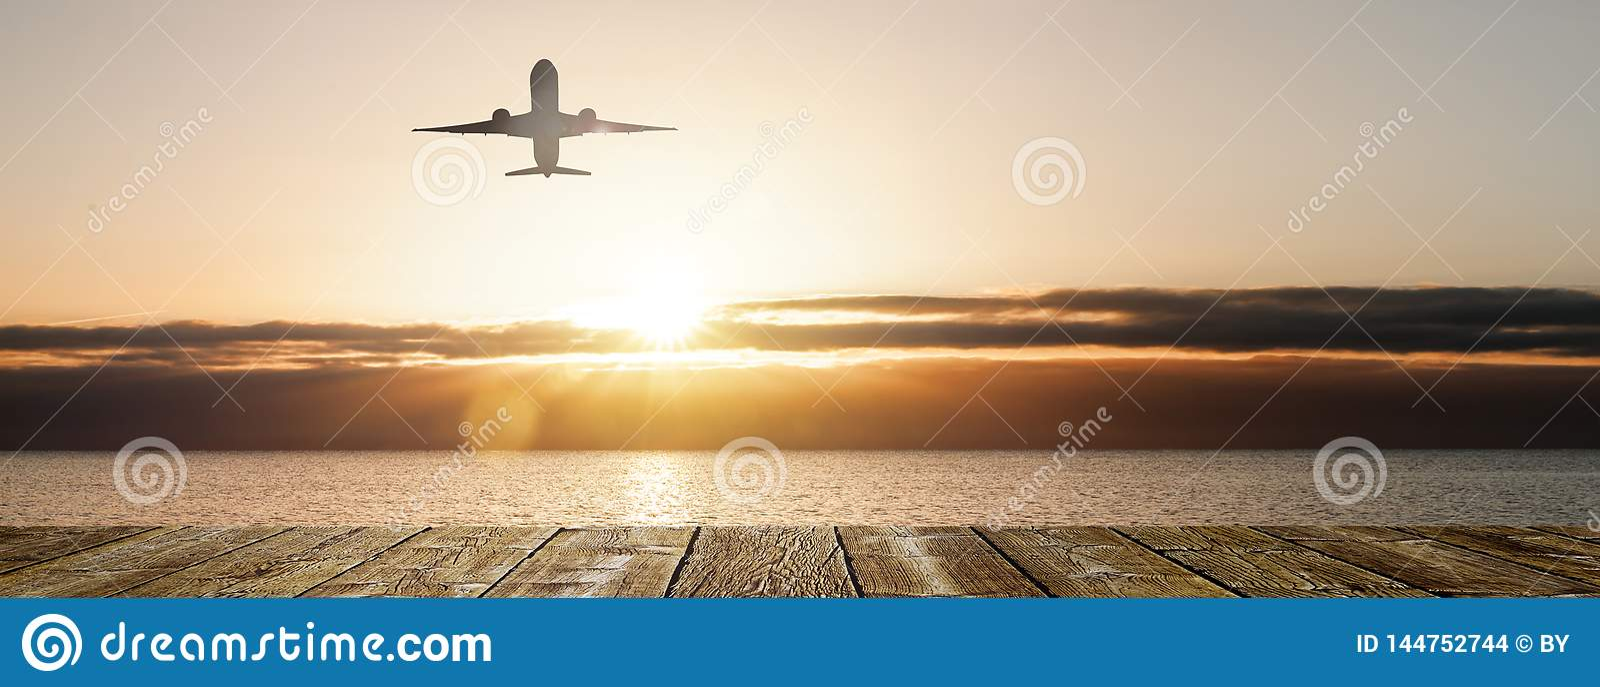 Flyg i solnedgången